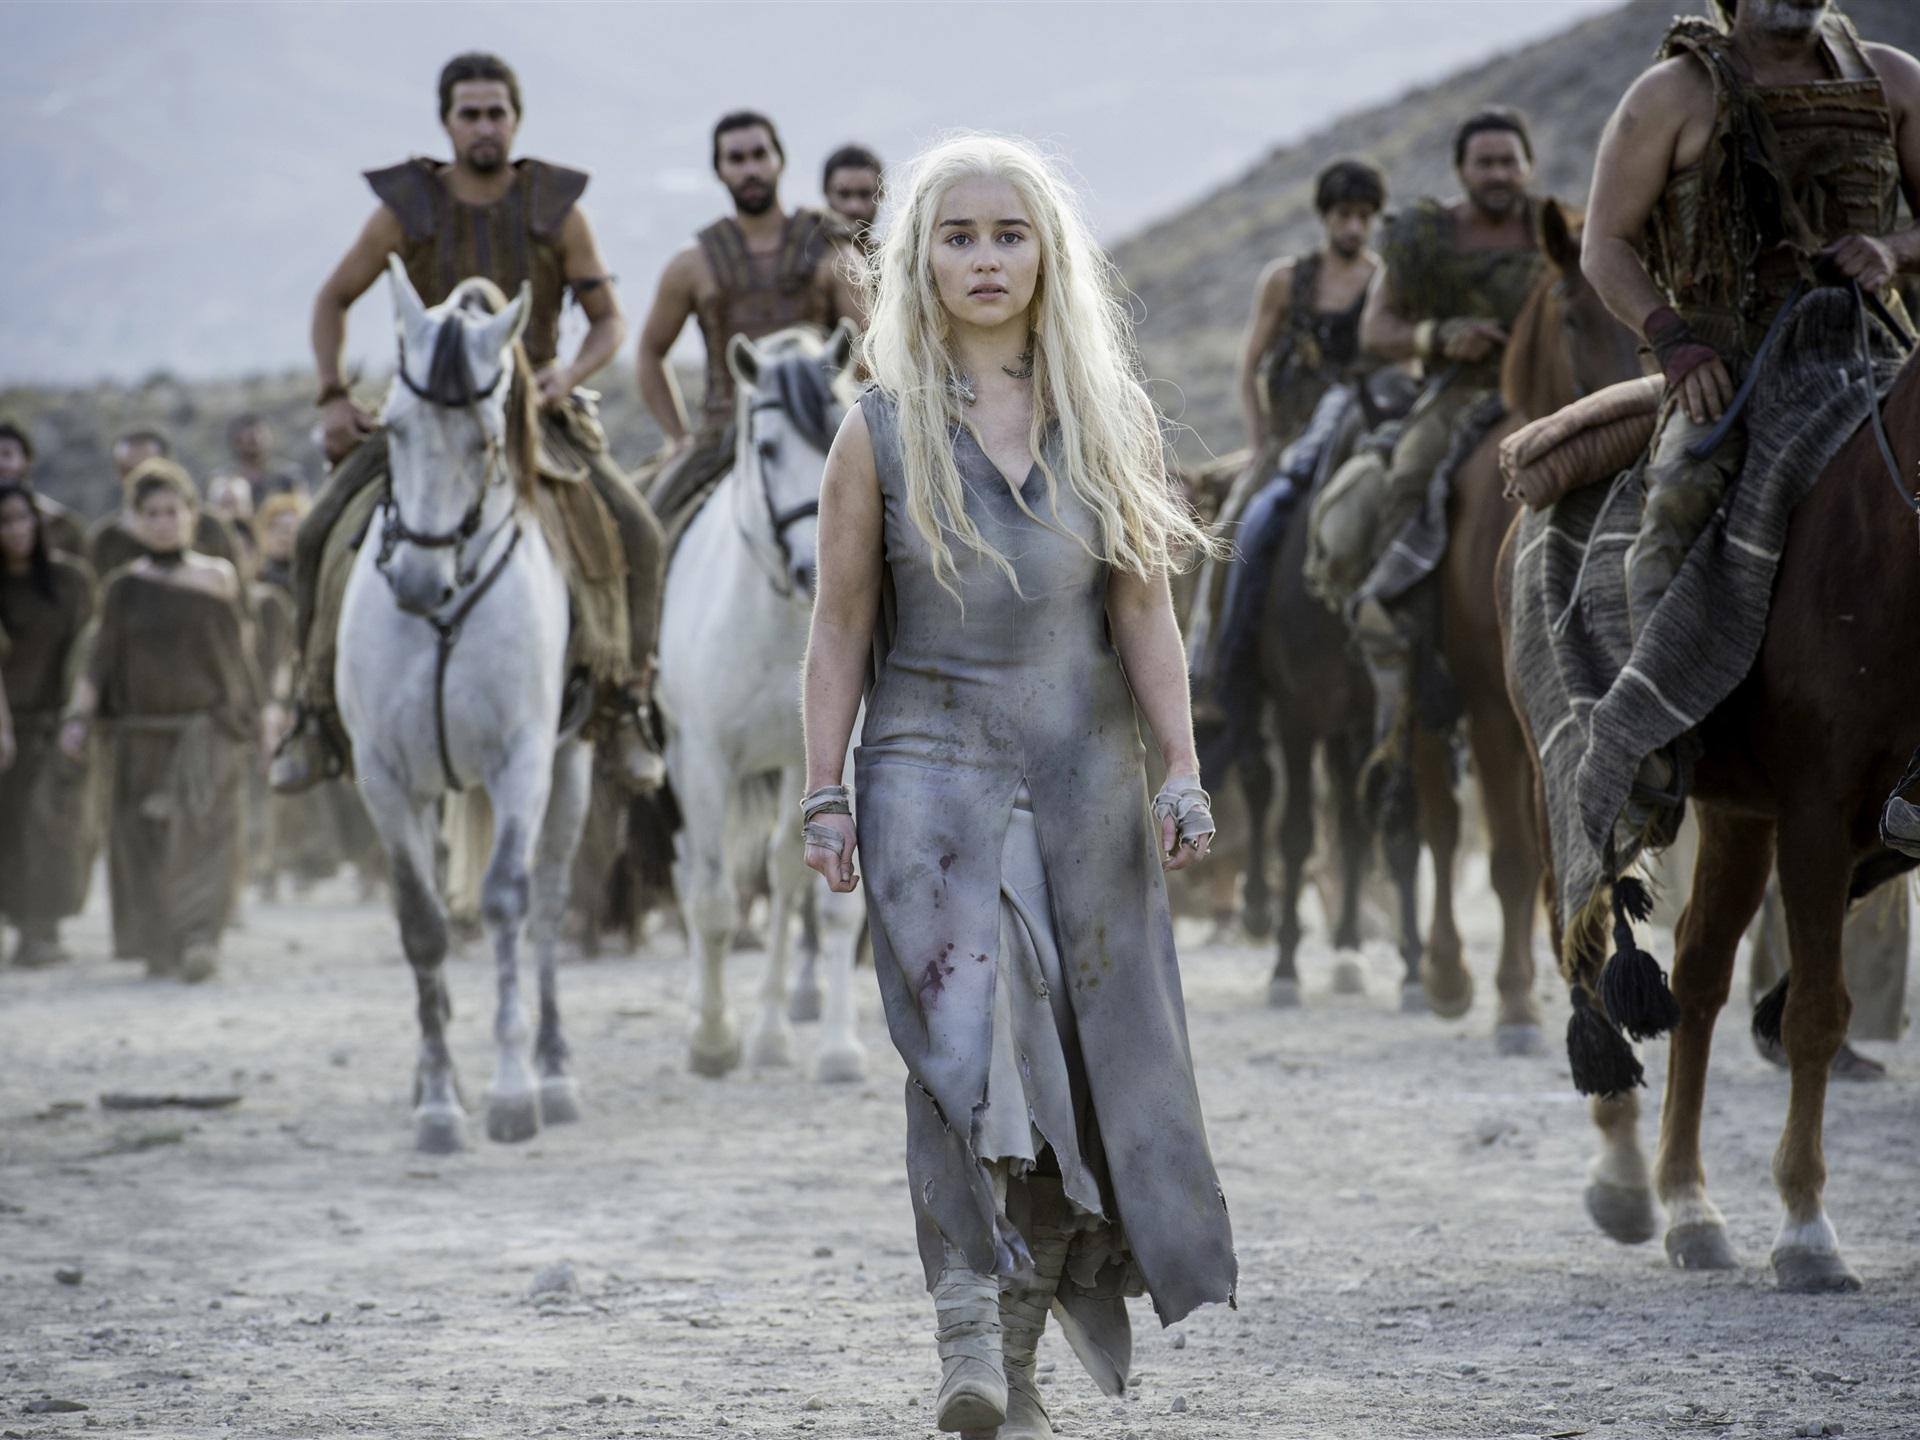 игра престолов 5 сезон 5-6 серия смотреть онлайн